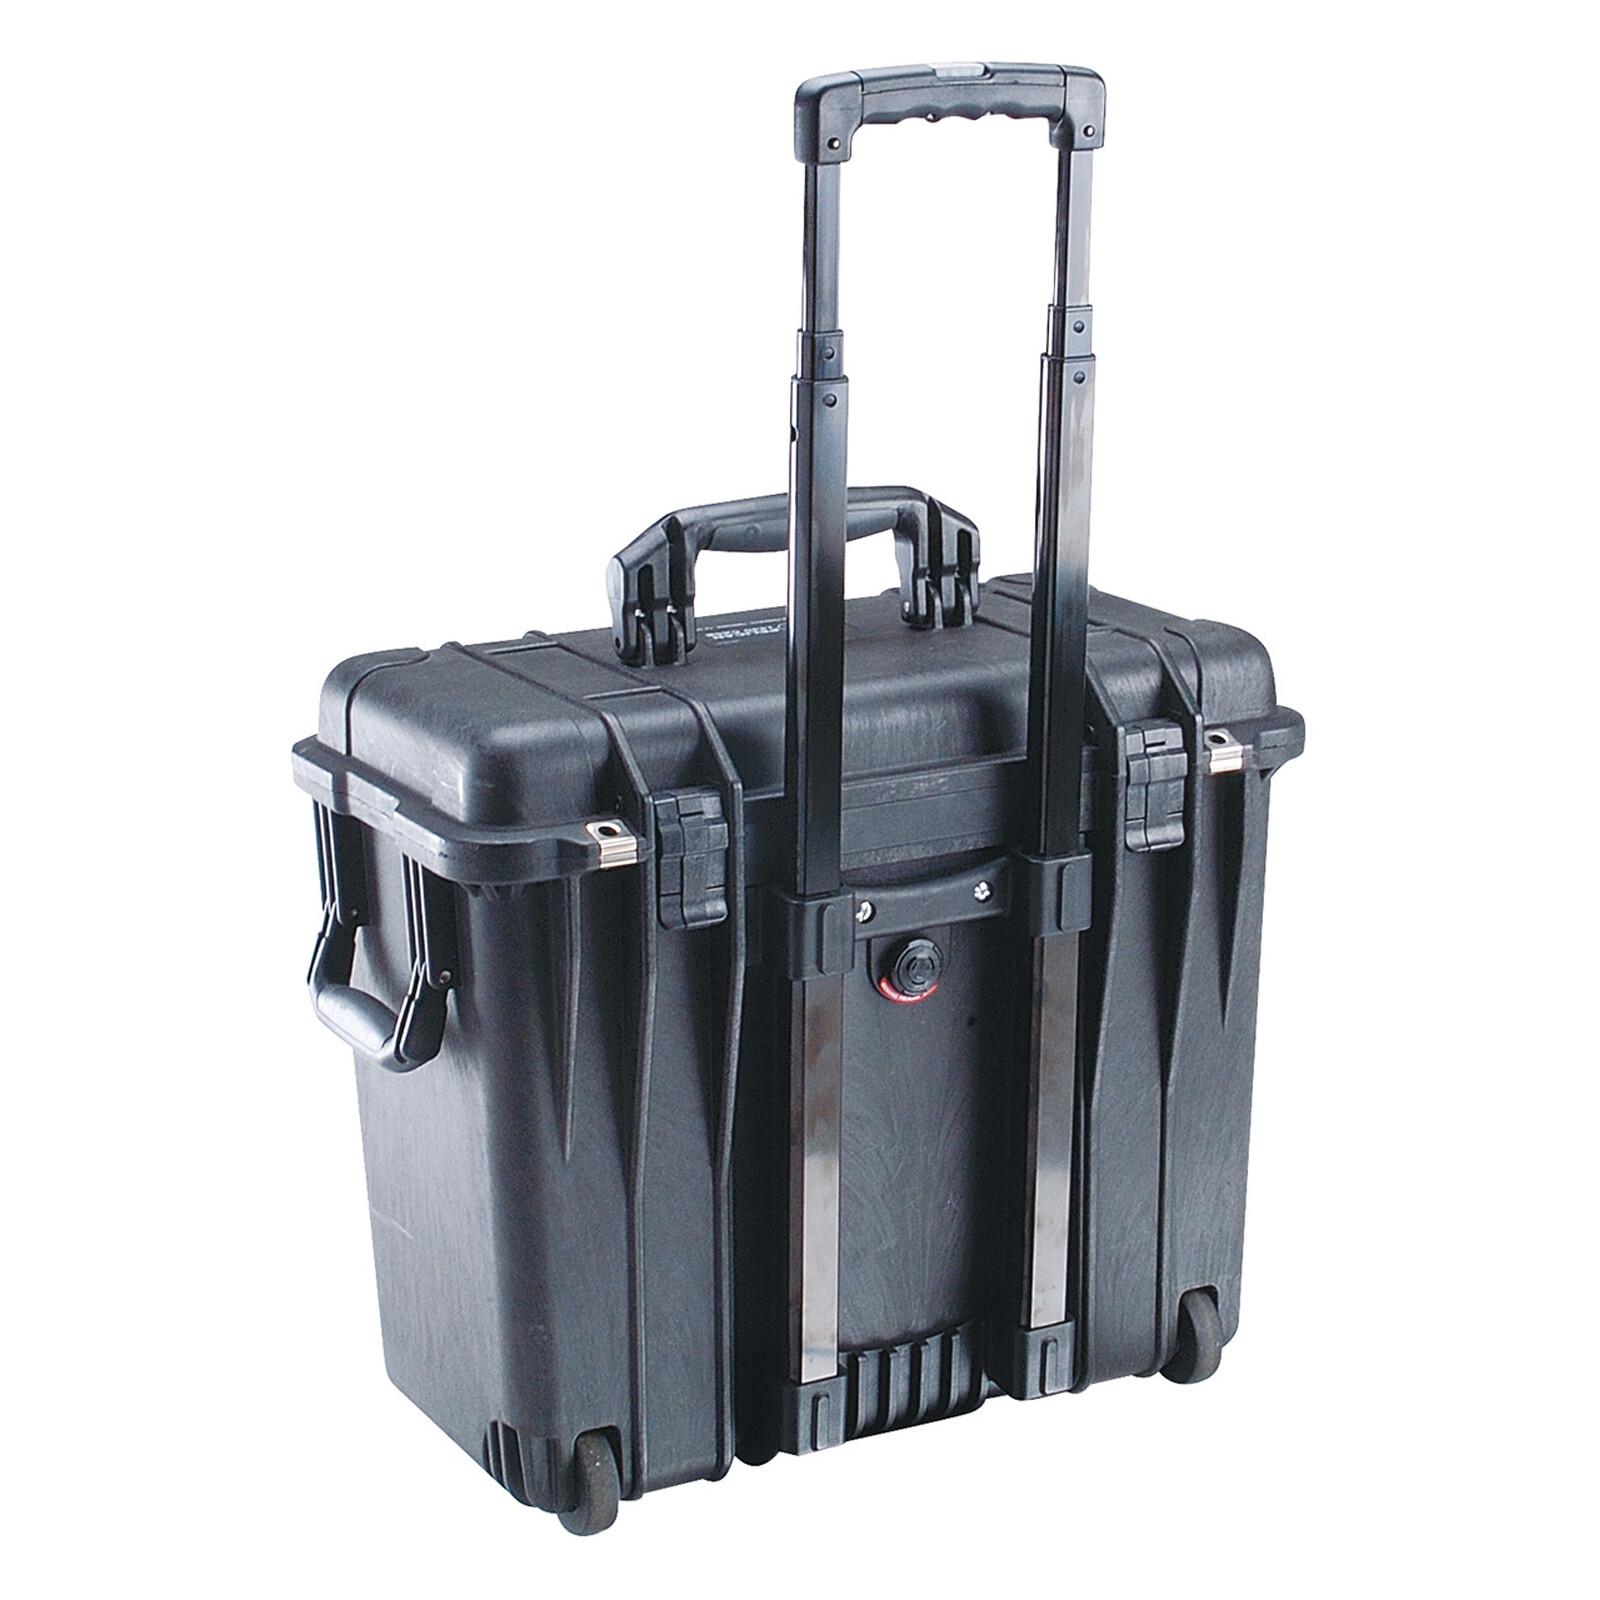 PELI 1440 Case mit Stegausrüstung